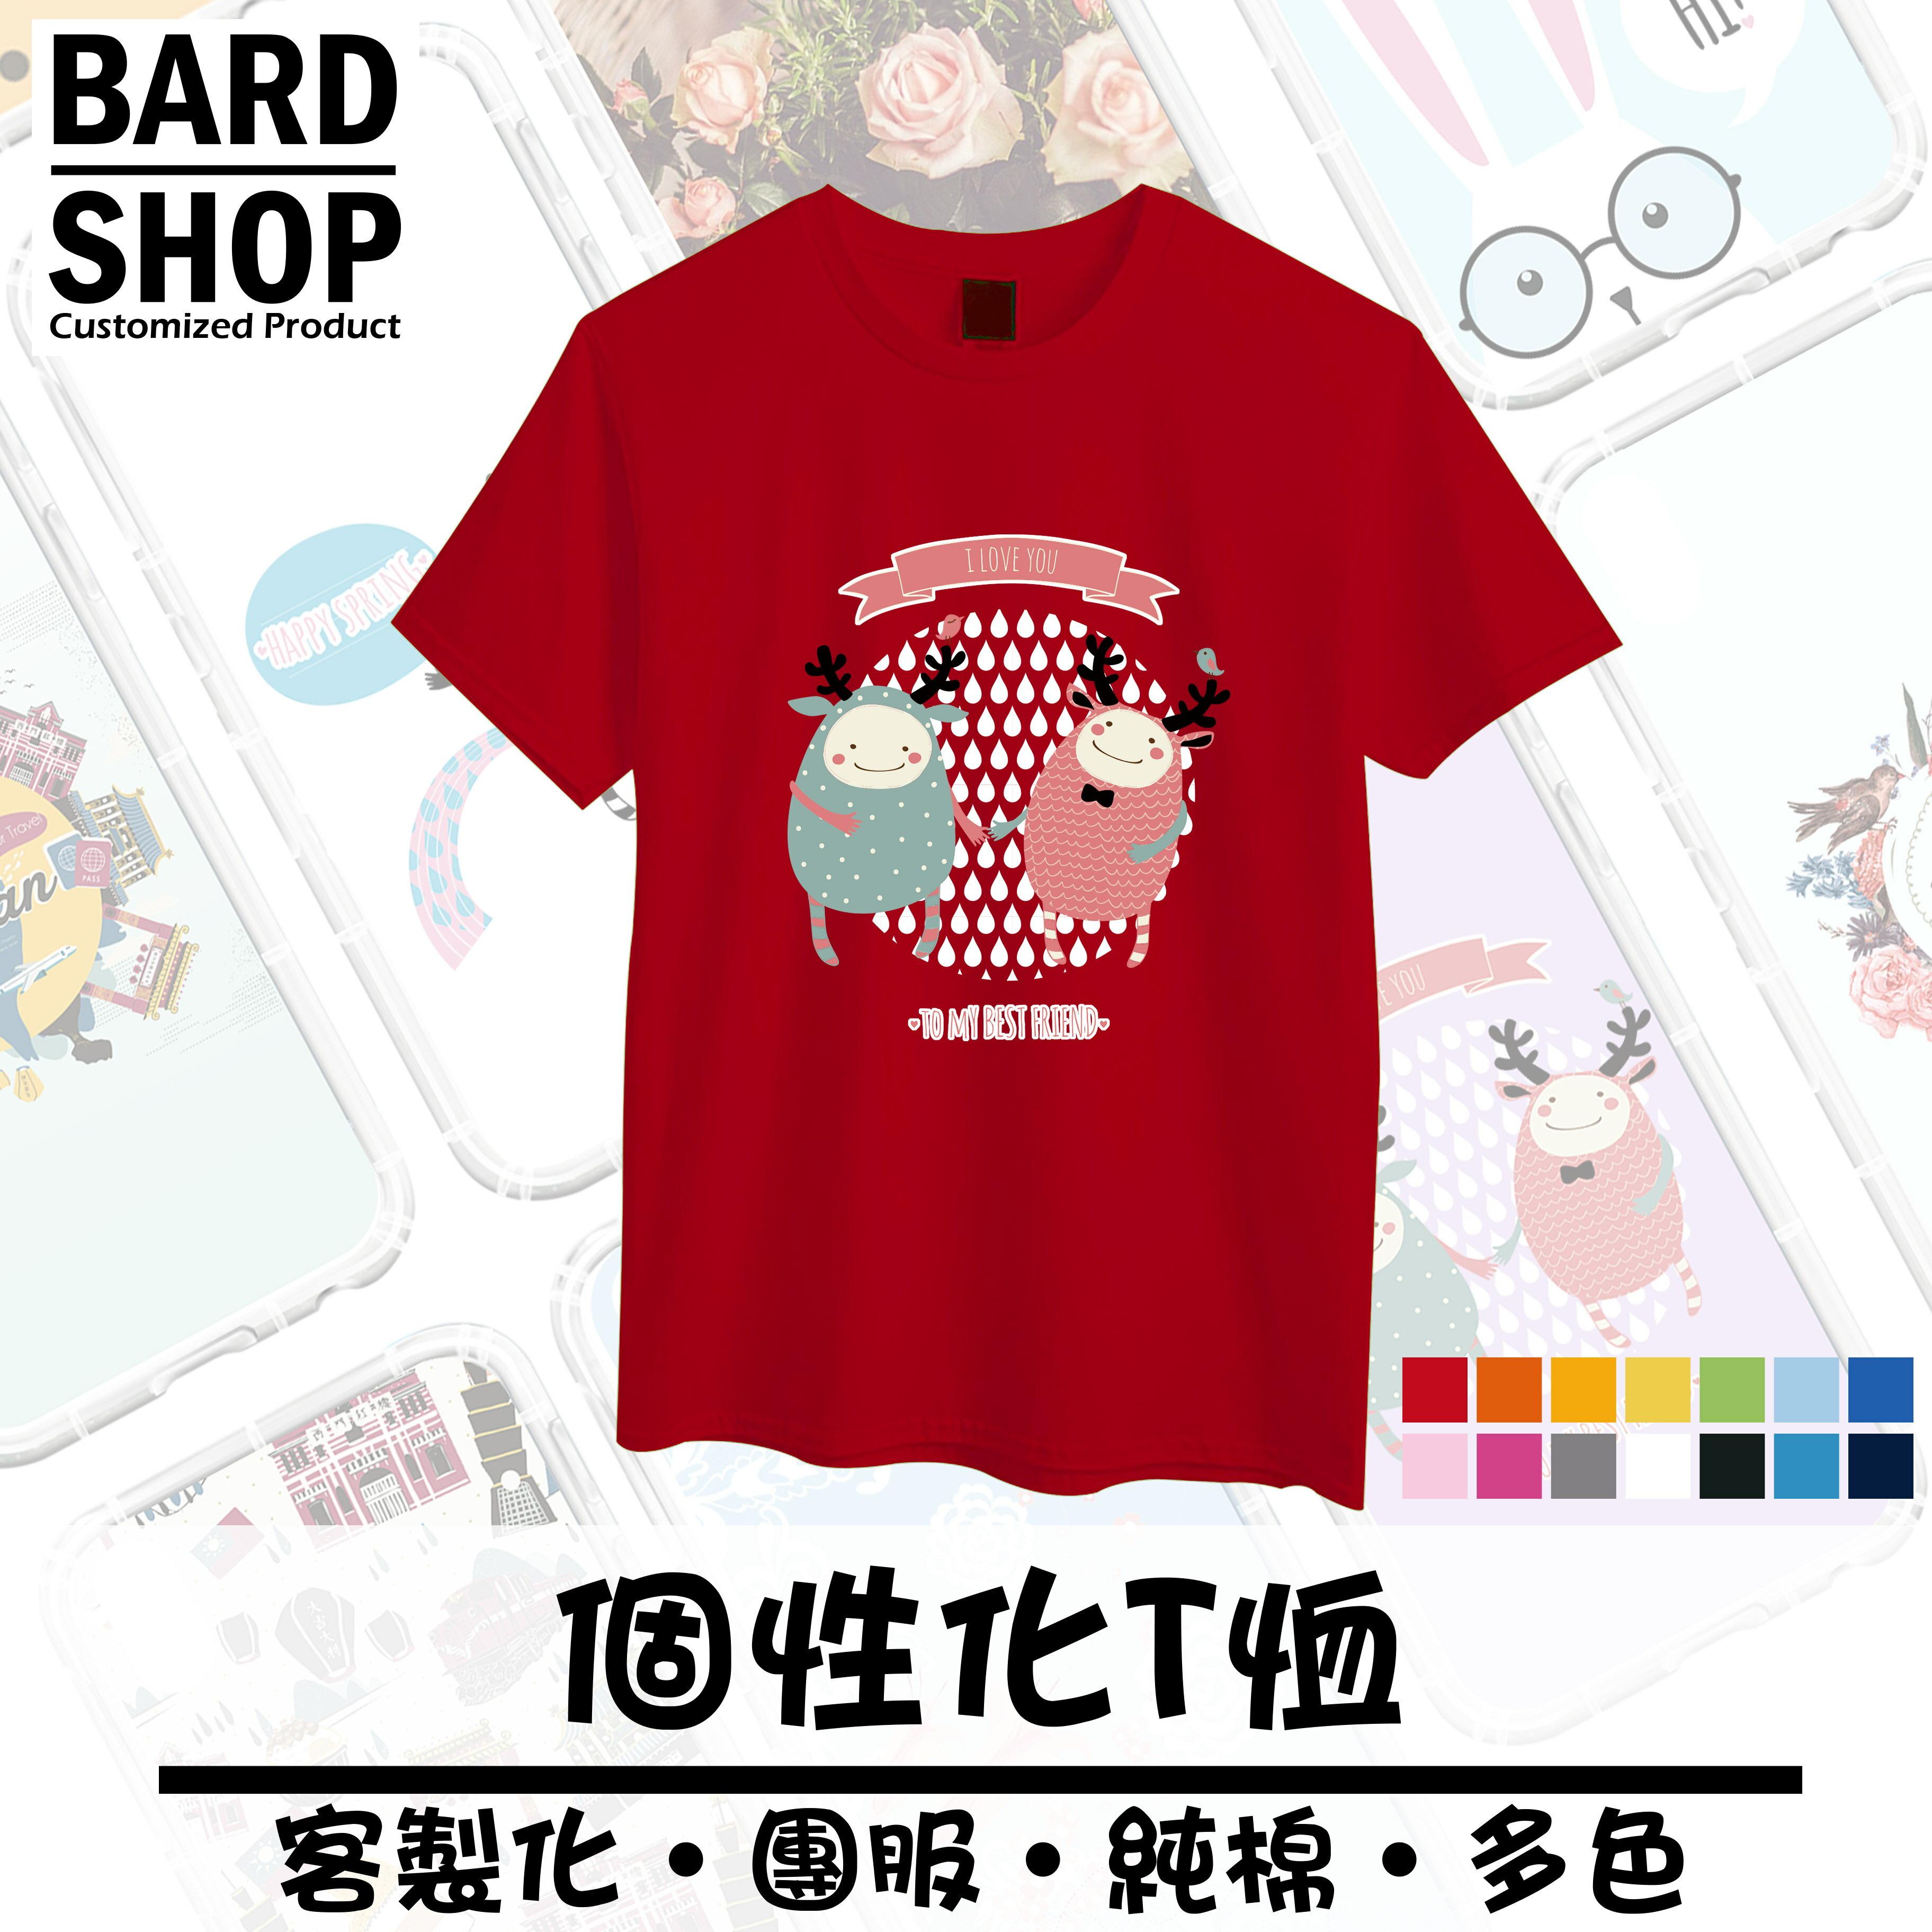 客製化--✨文字系列✨ 自己的文字T恤自己做-色T!100%純棉台製棉T素材!一件也可以做!多件另有優惠!歡迎團體訂做! 2